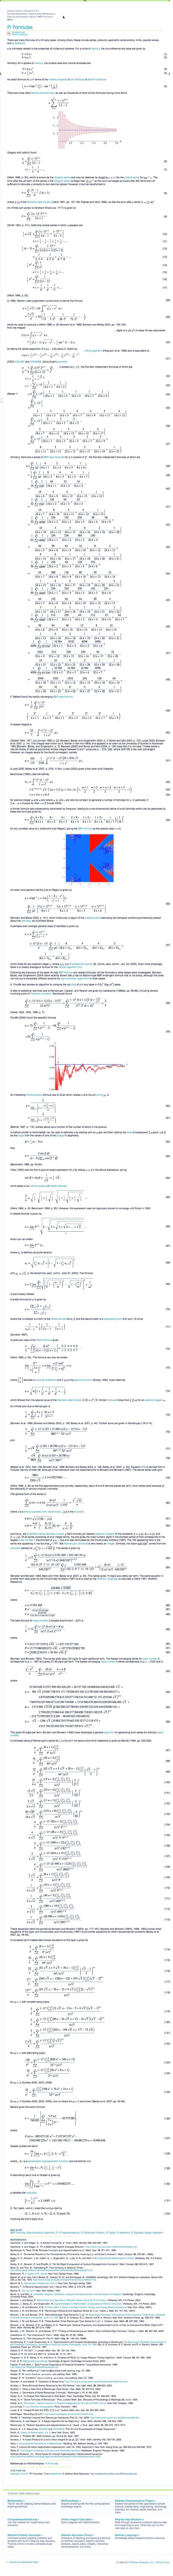 """Weisstein, Eric W. """"Pi Formulas."""" From MathWorld--A Wolfram Web Resource. http://mathworld.wolfram.com/PiFormulas.html"""